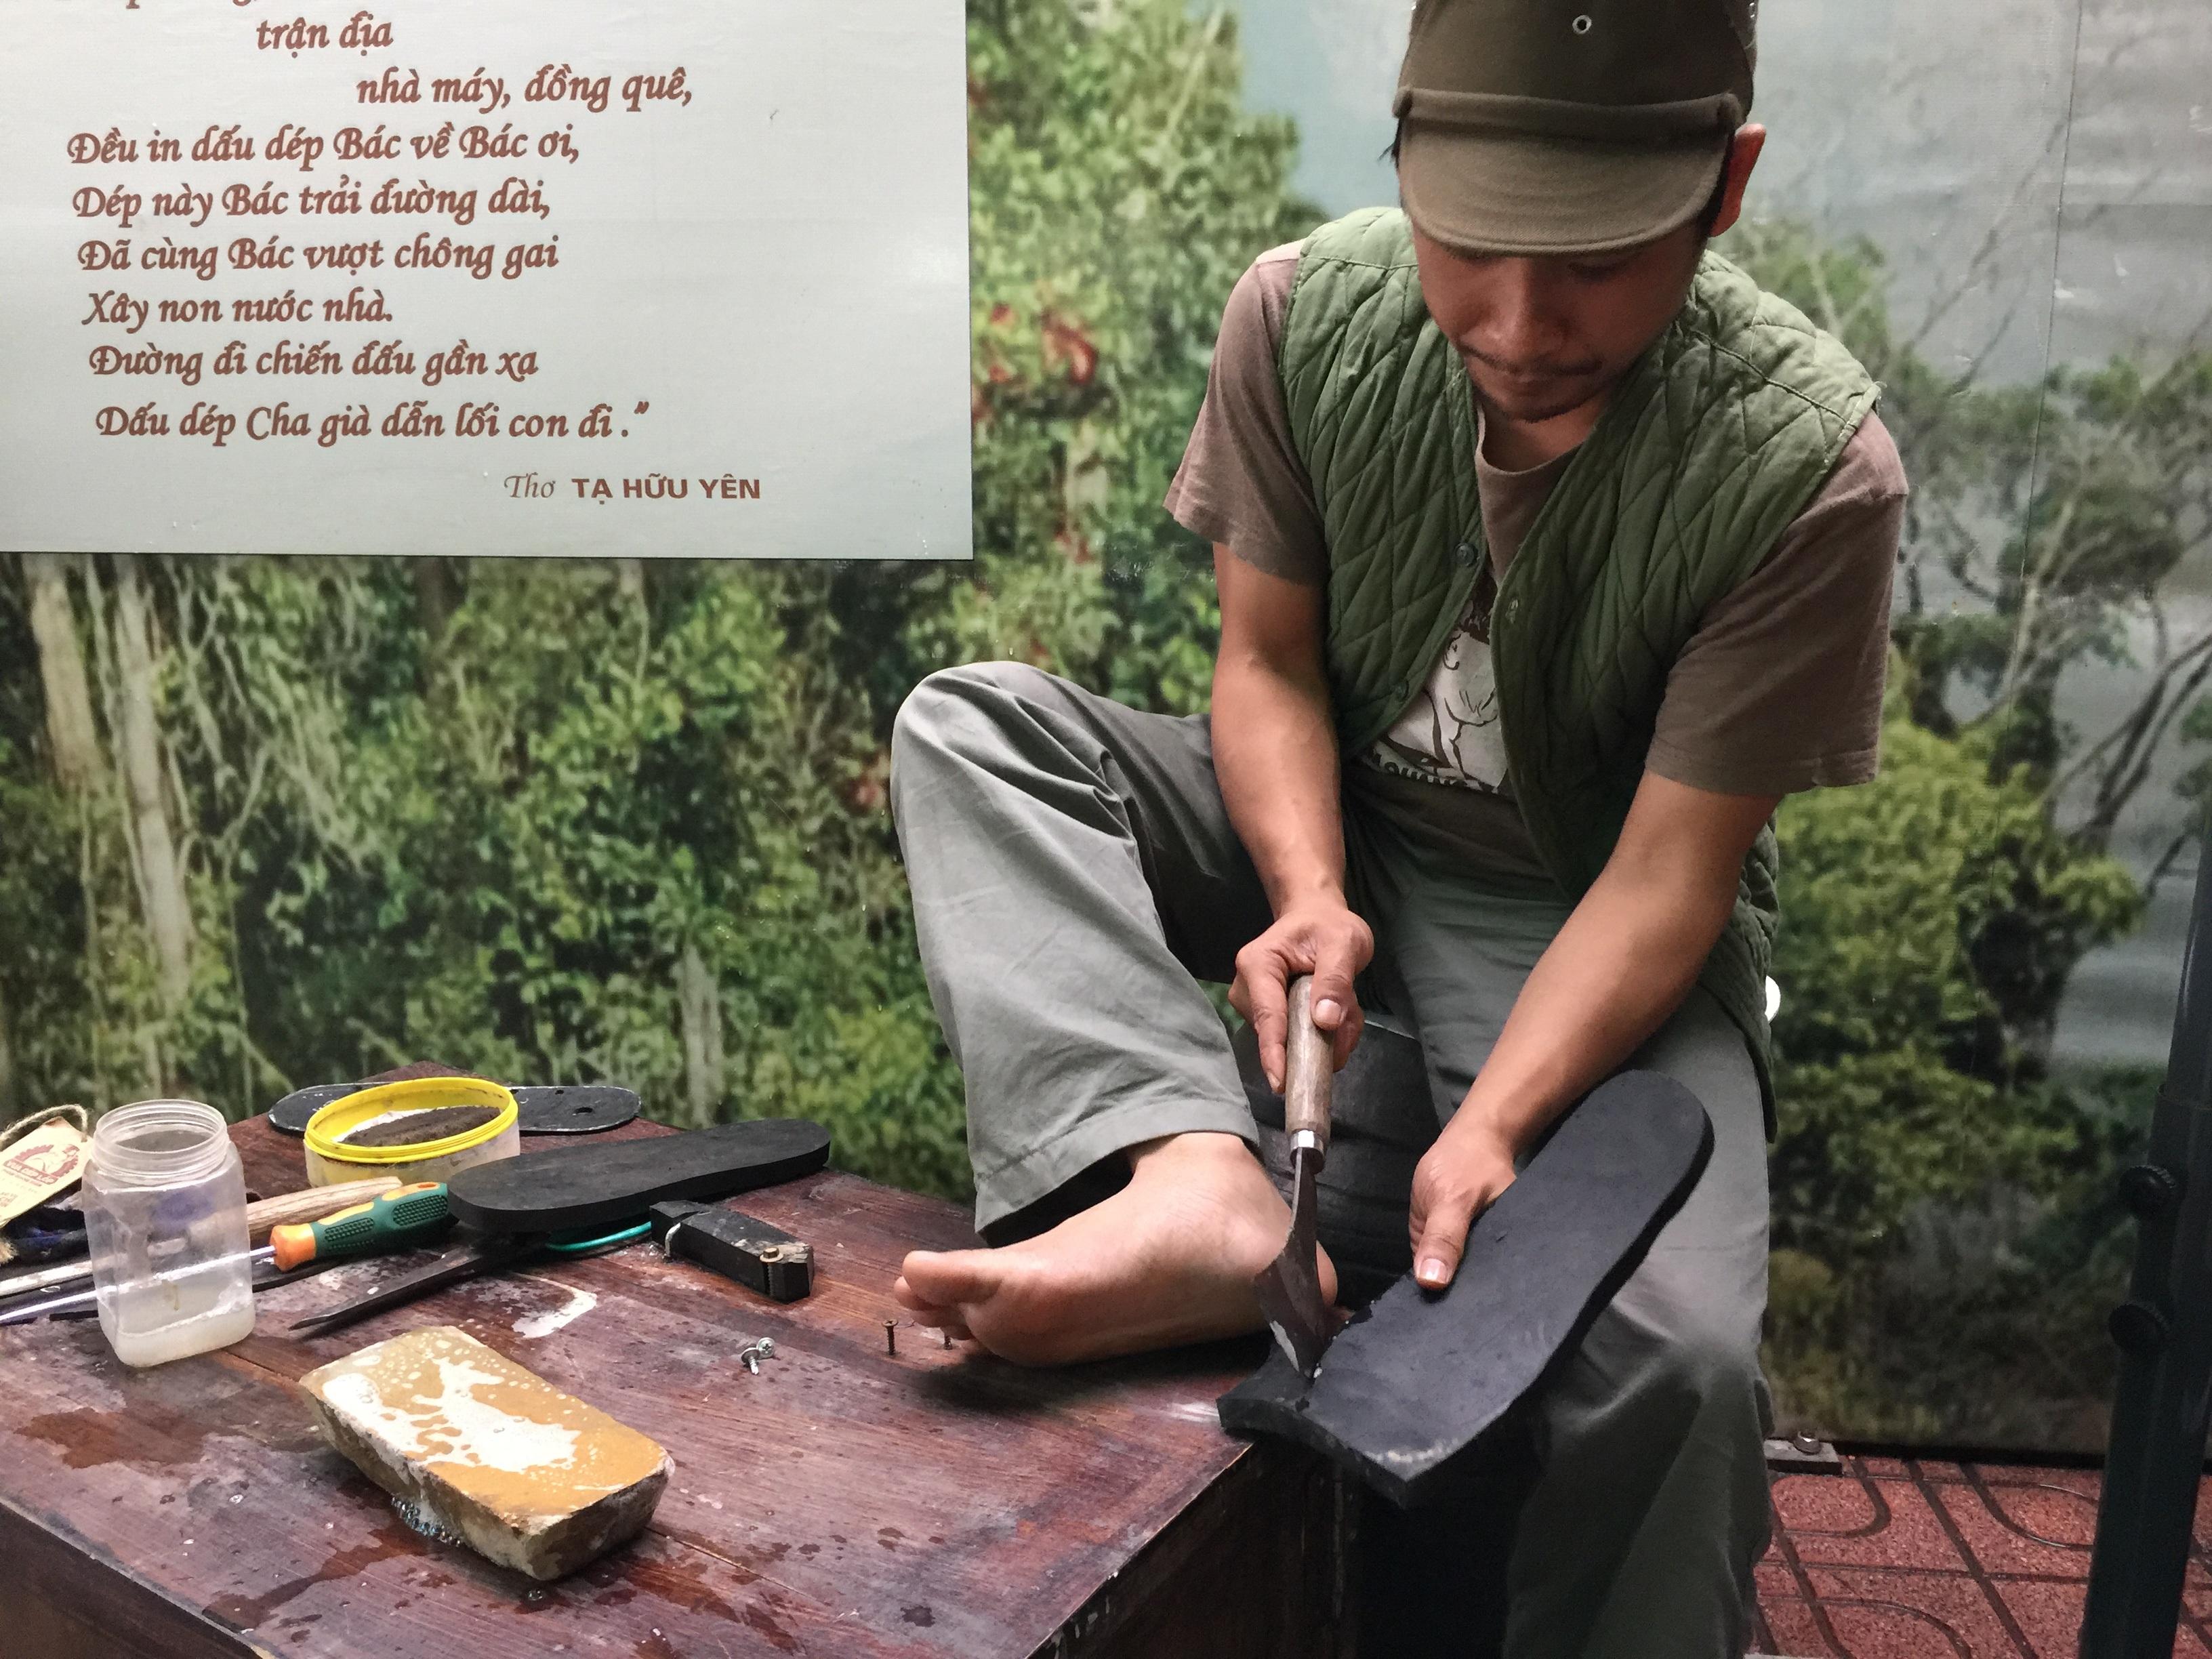 Anh Nguyễn Tiến Cường đang làm một đôi dép mới.